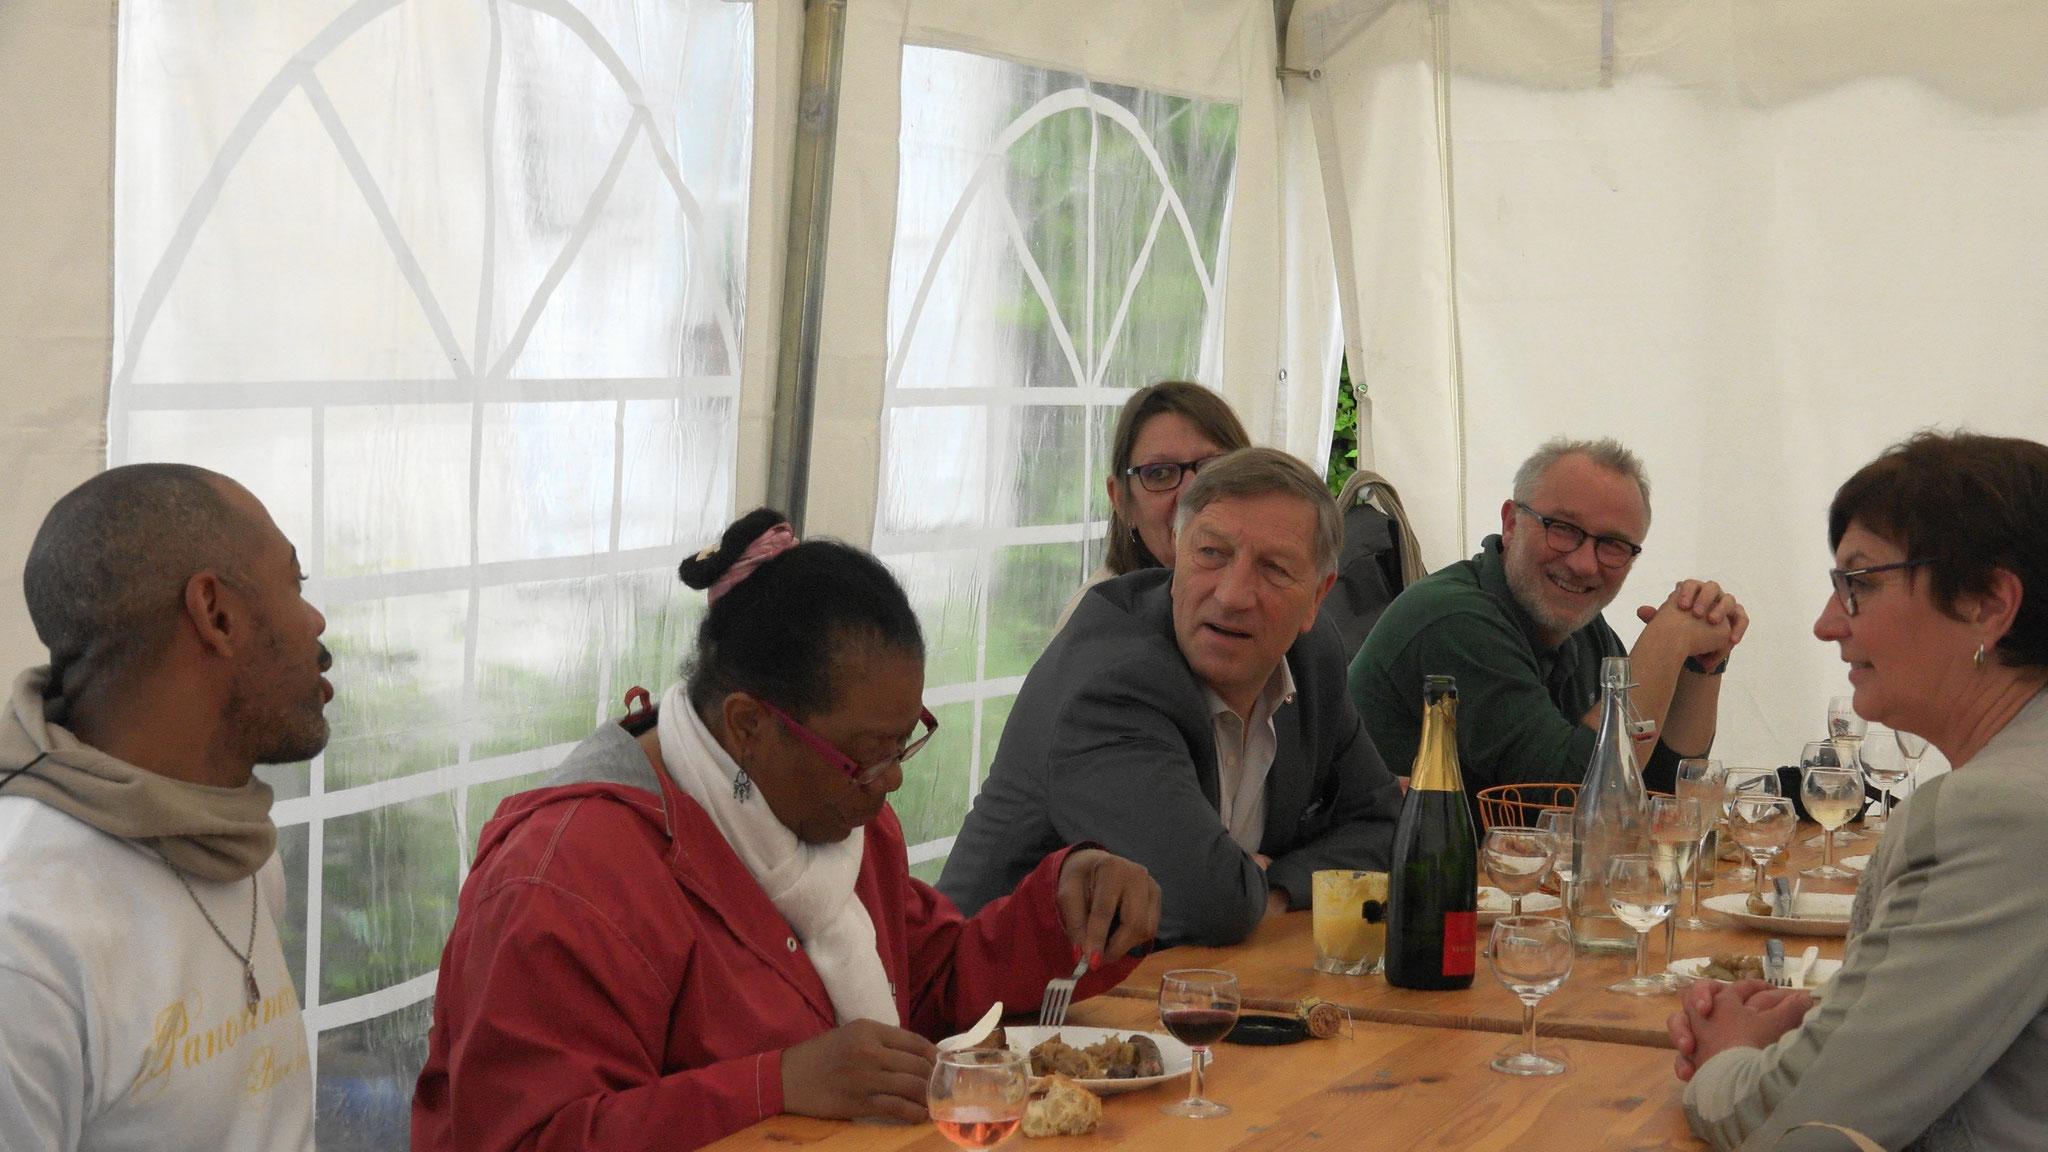 Sous le chapiteau : élus et citoyens des environs à la même table.